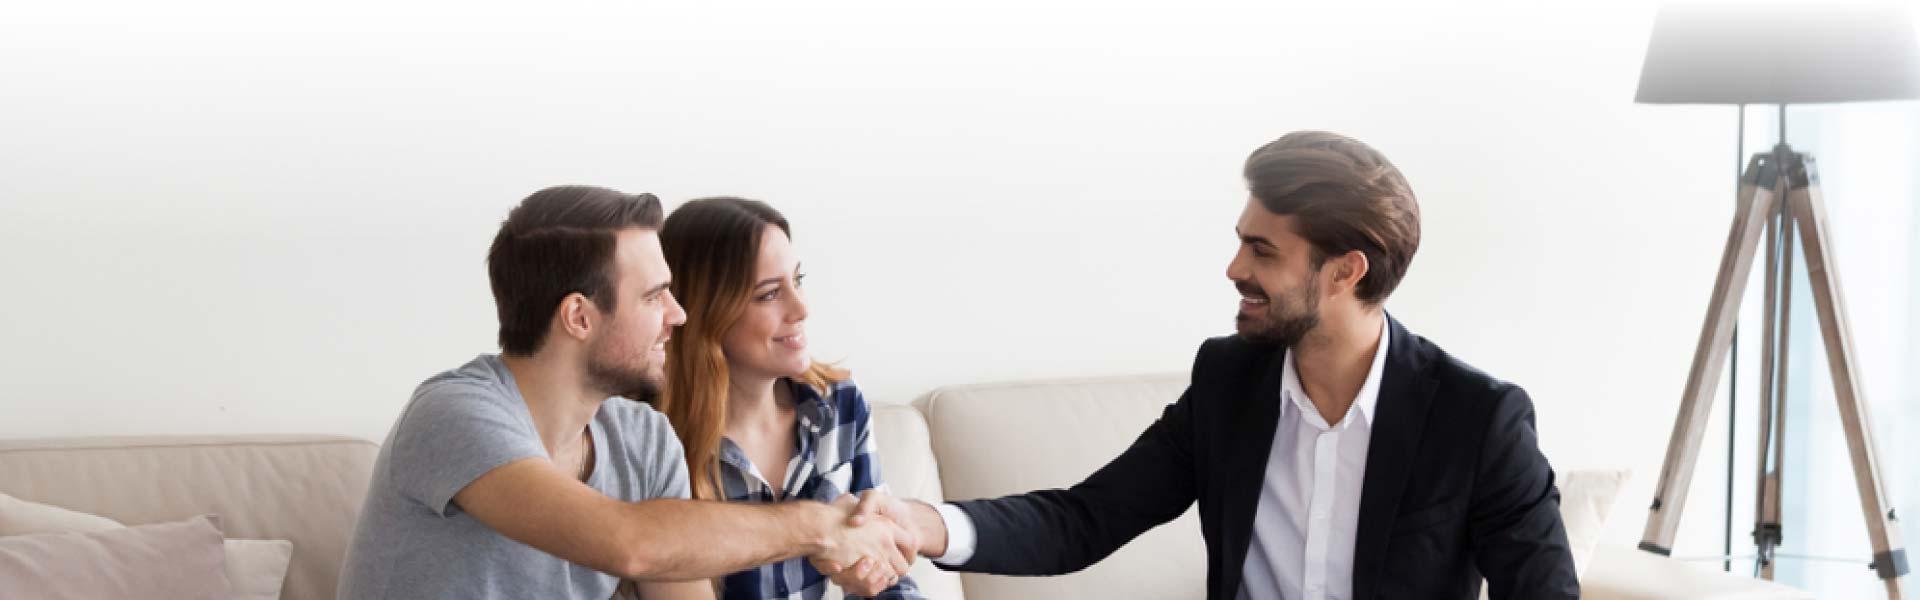 asesorías personalizadas de empresas en madrid